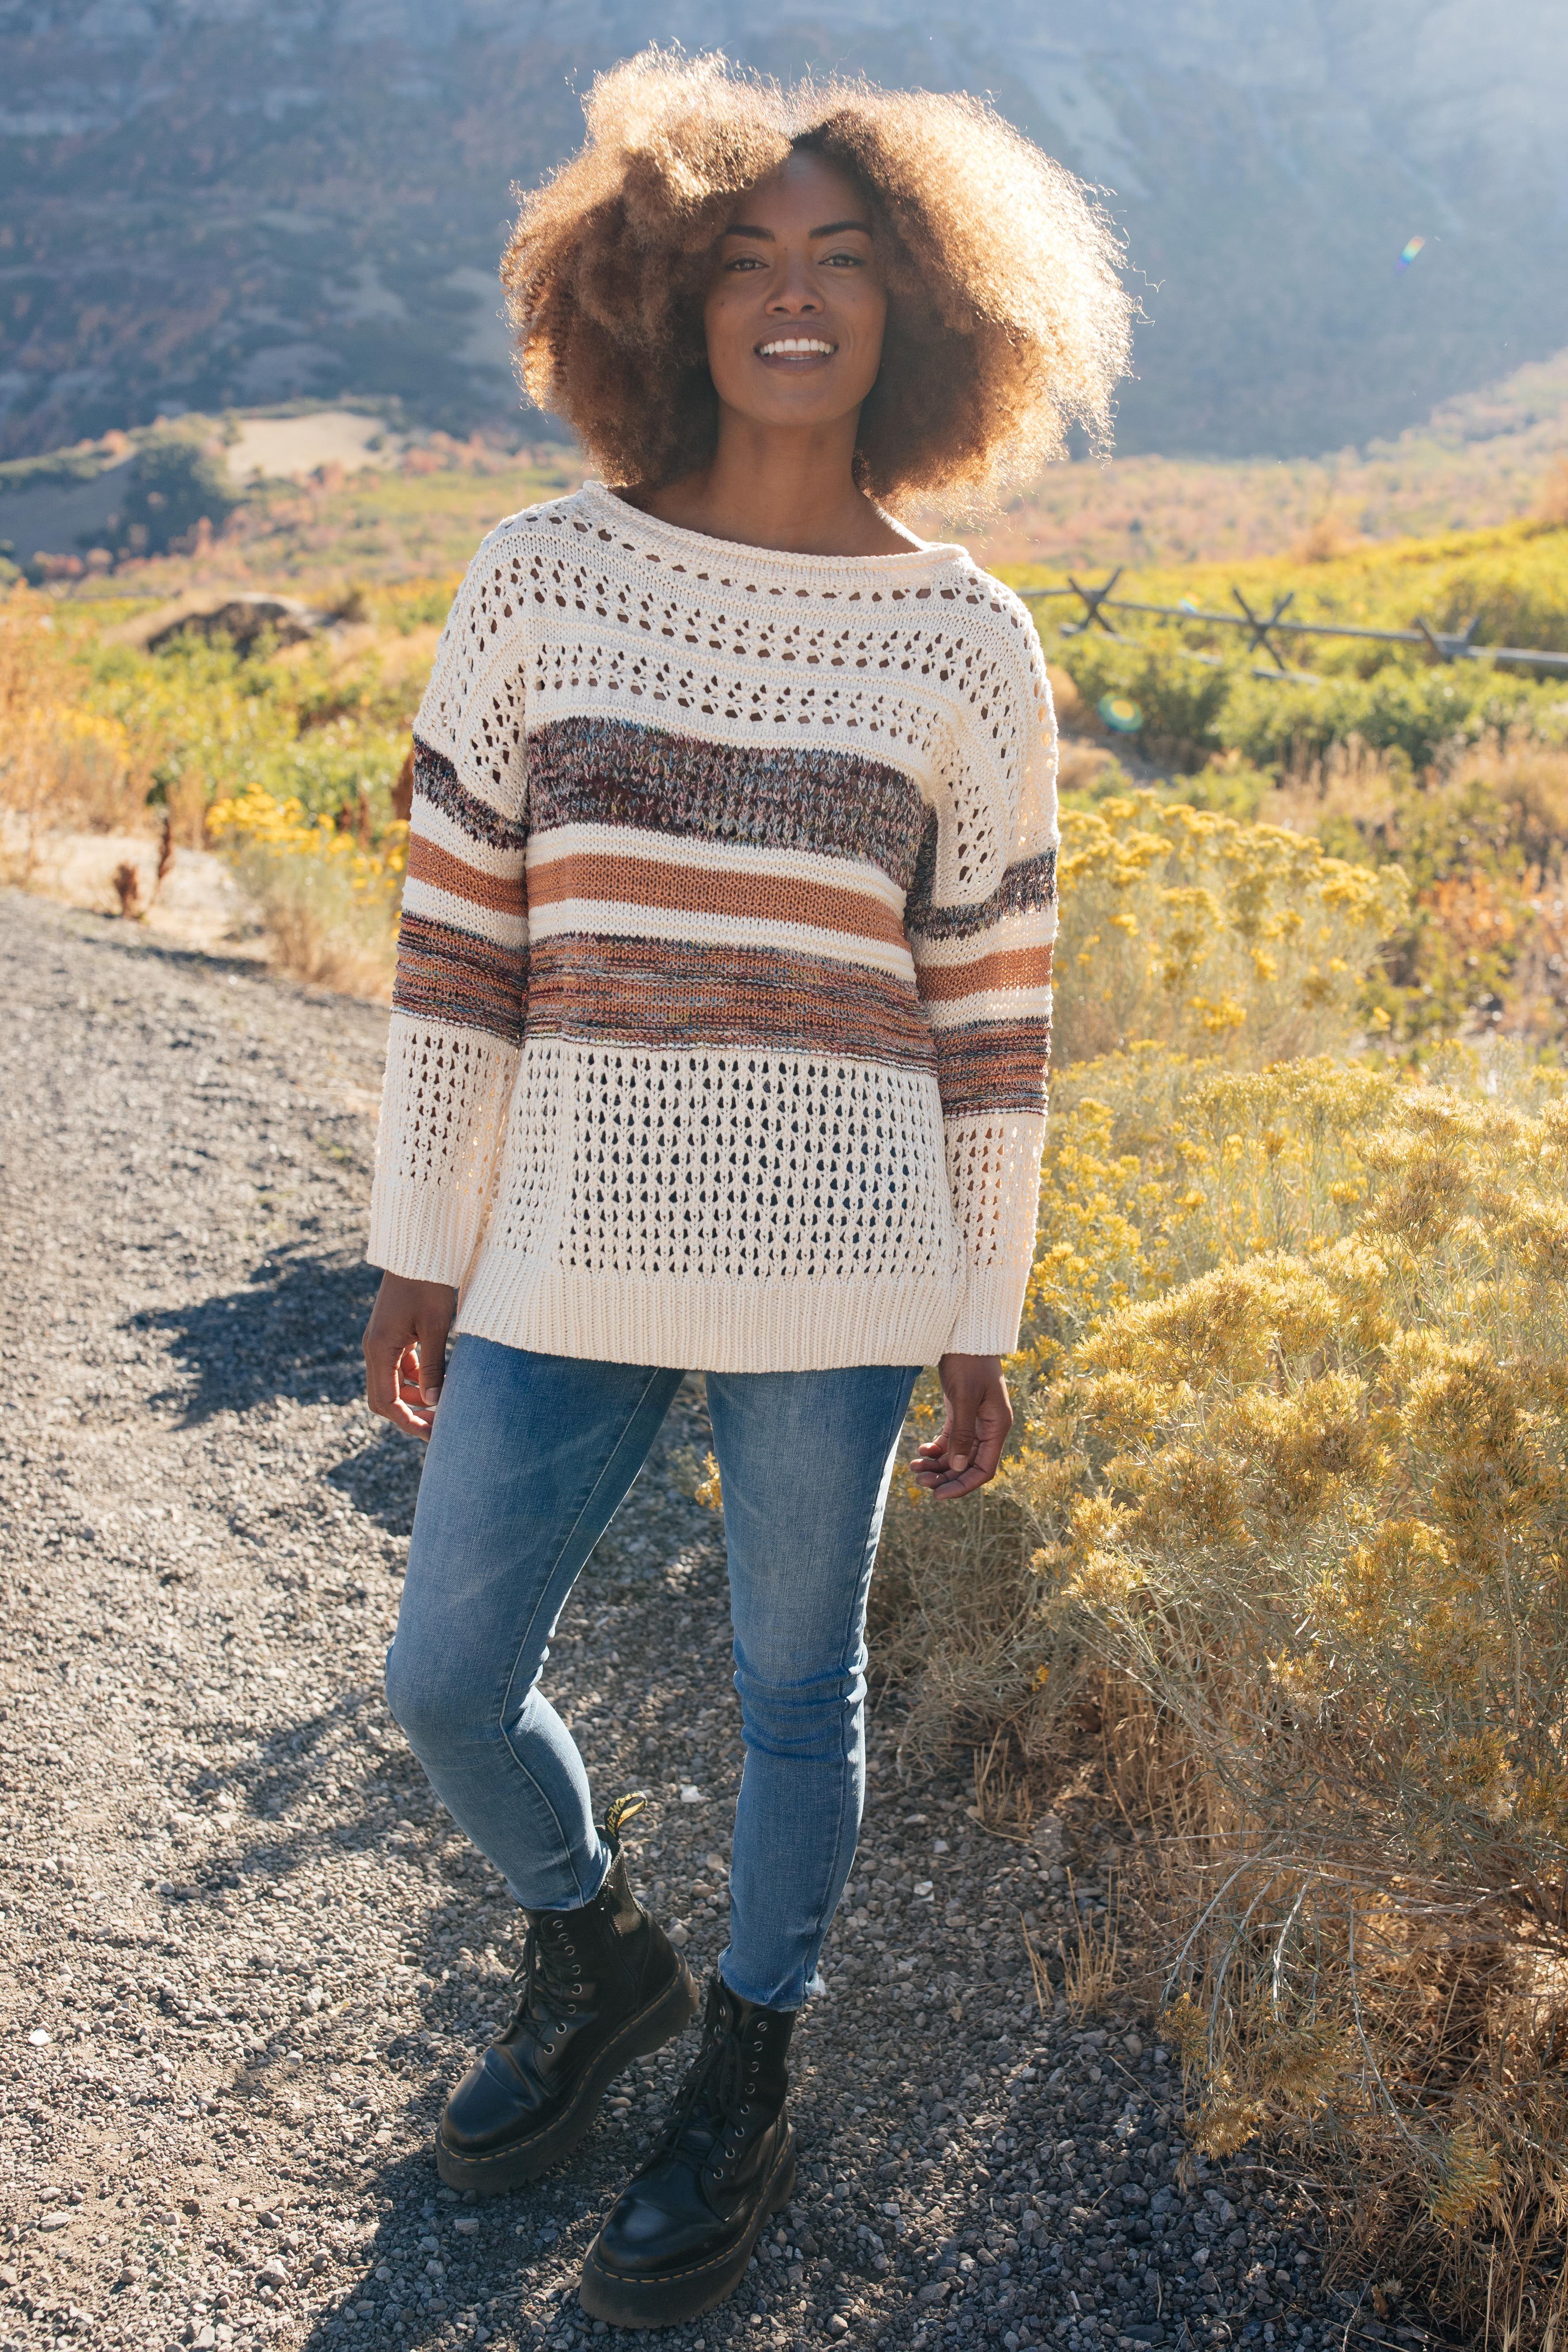 Uniquely Designed Sweater Tunic - 1XL